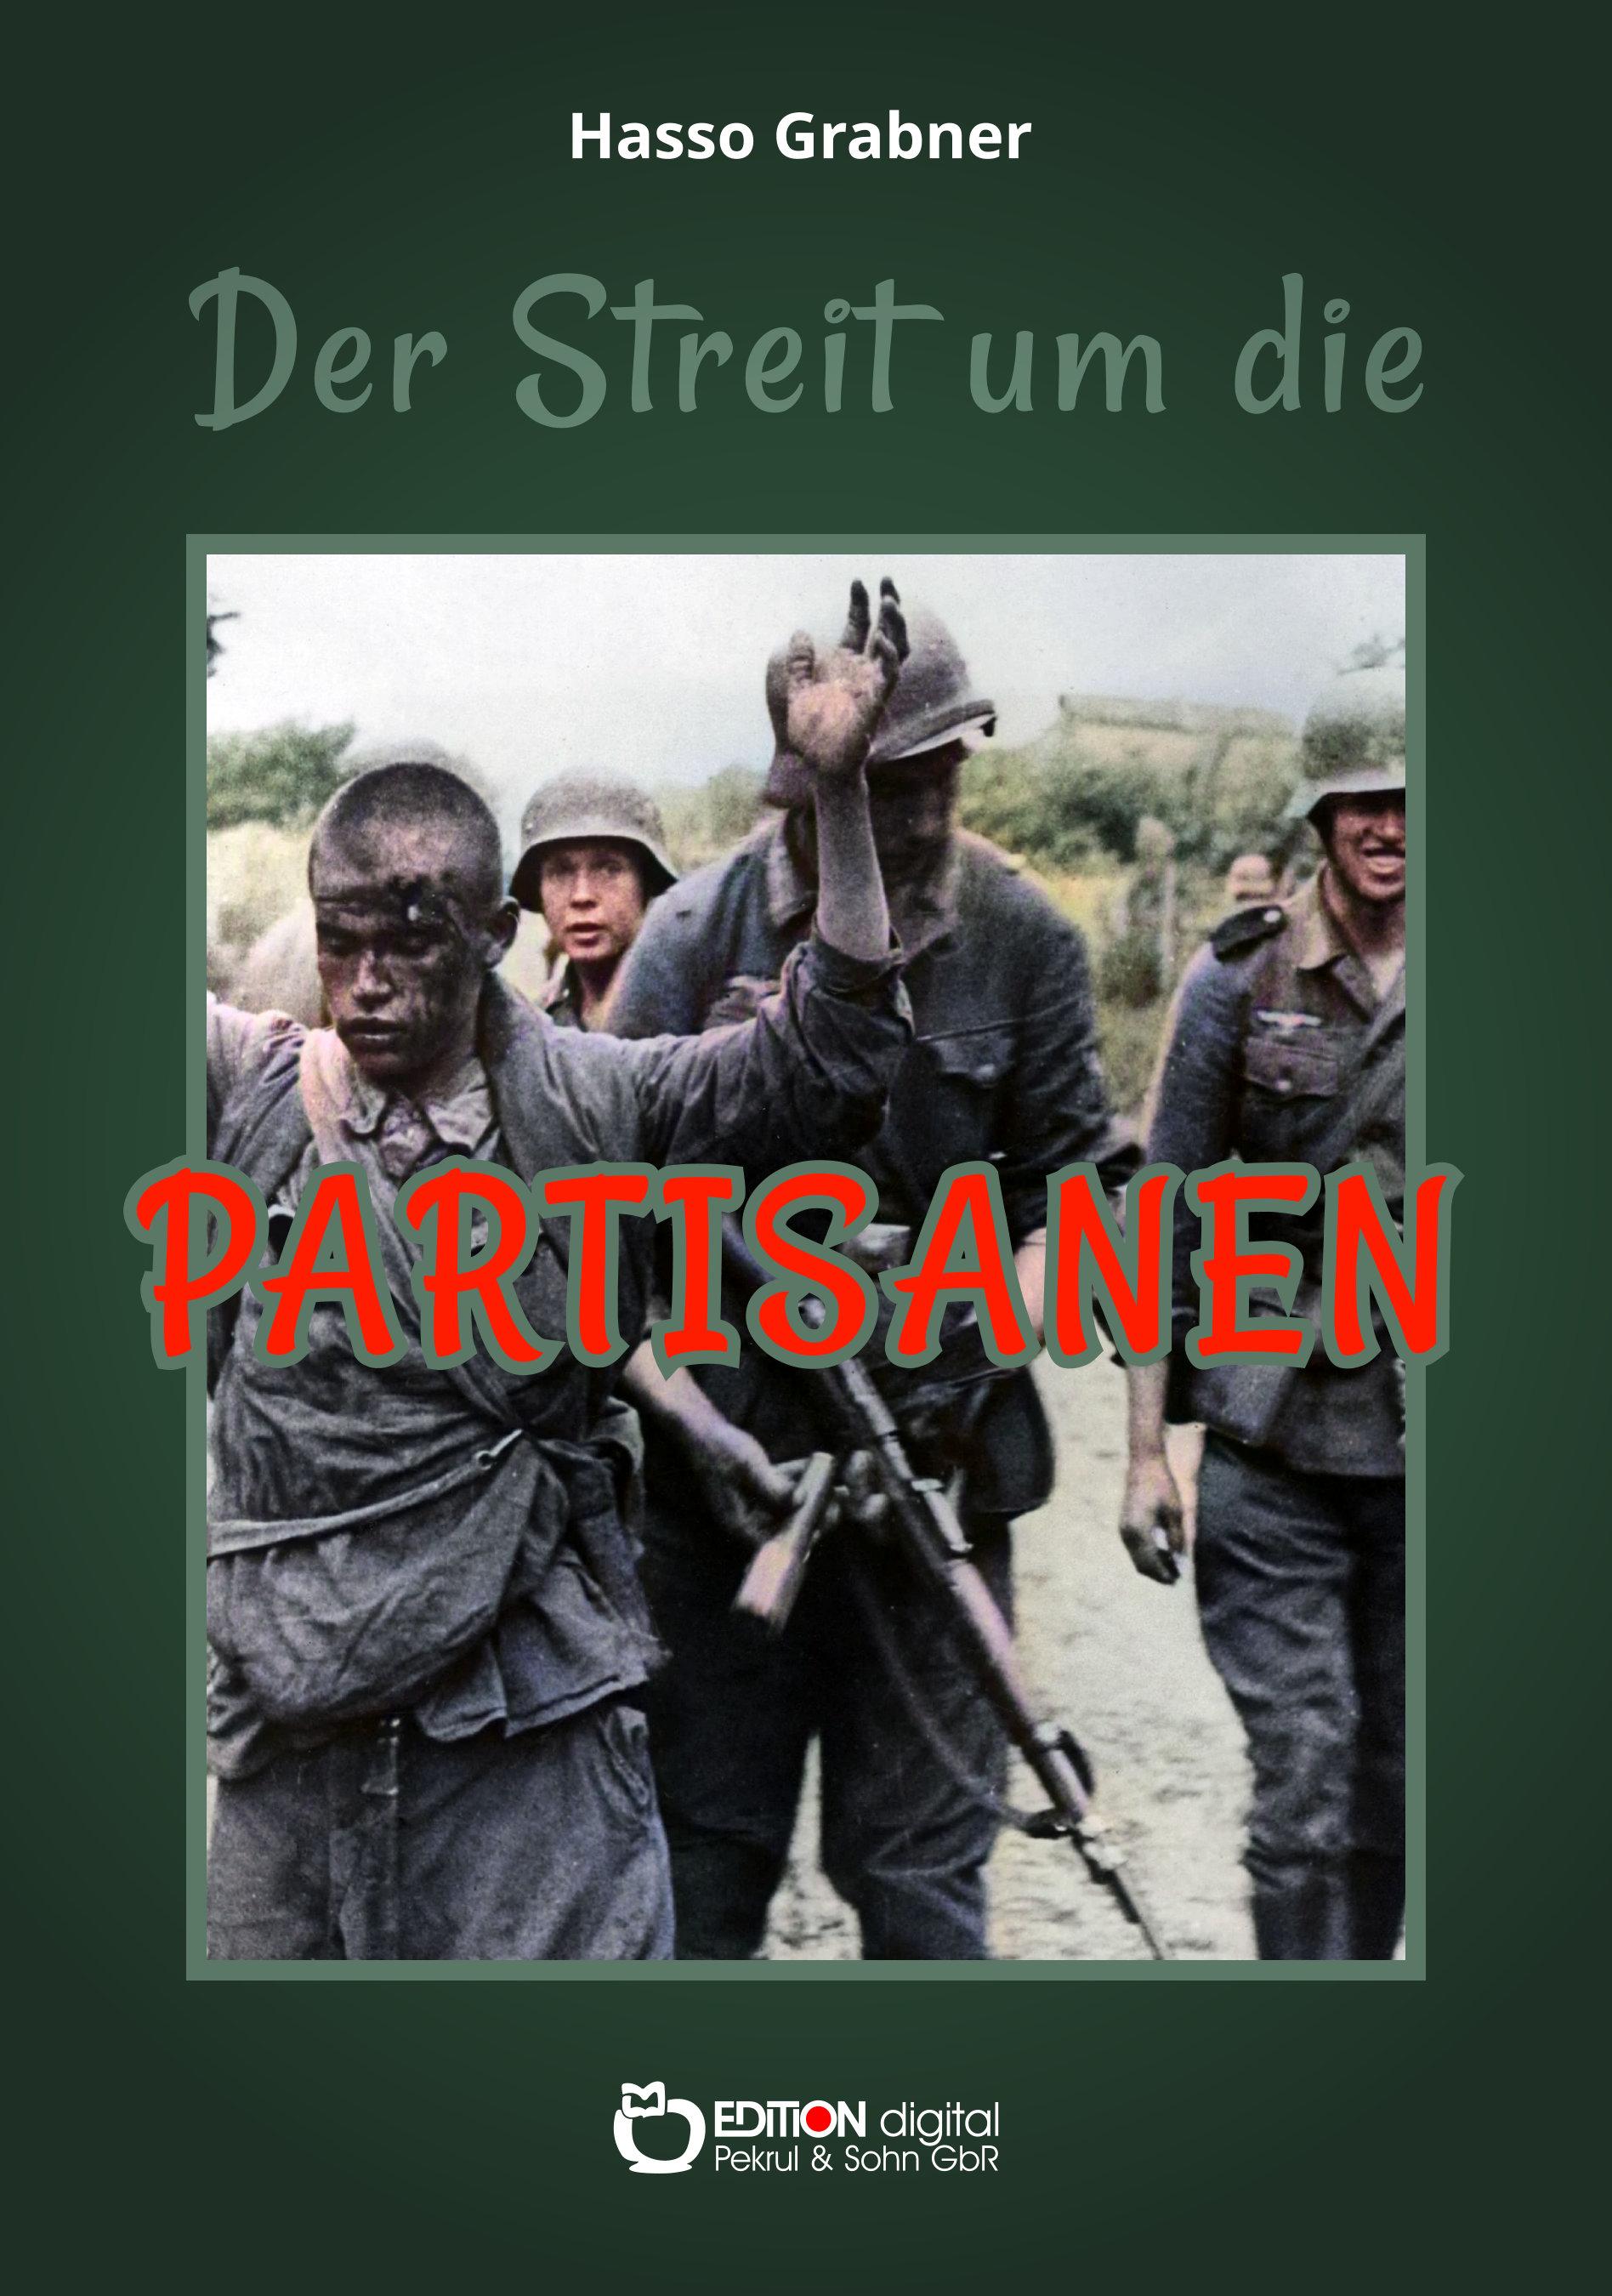 Der Streit um die Partisanen von Hasso Grabner